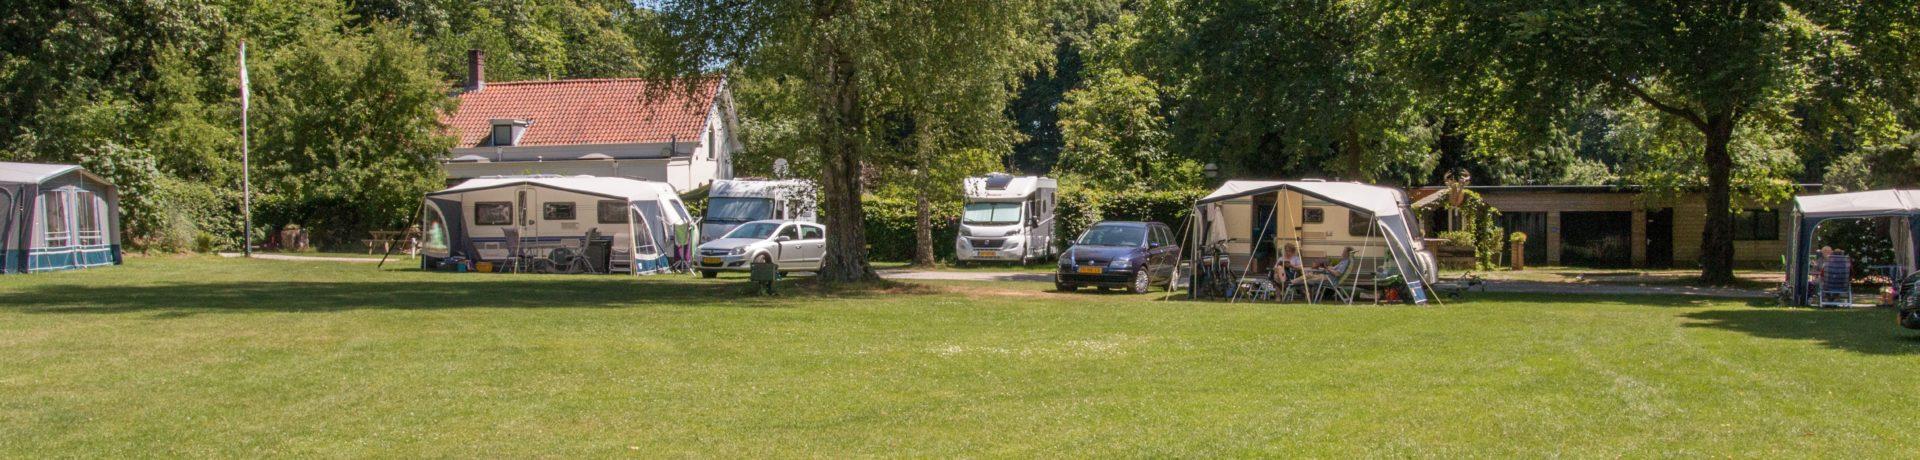 Middelgrote charme camping met 133 plaatsen gelegen in de provincie Gelderland.